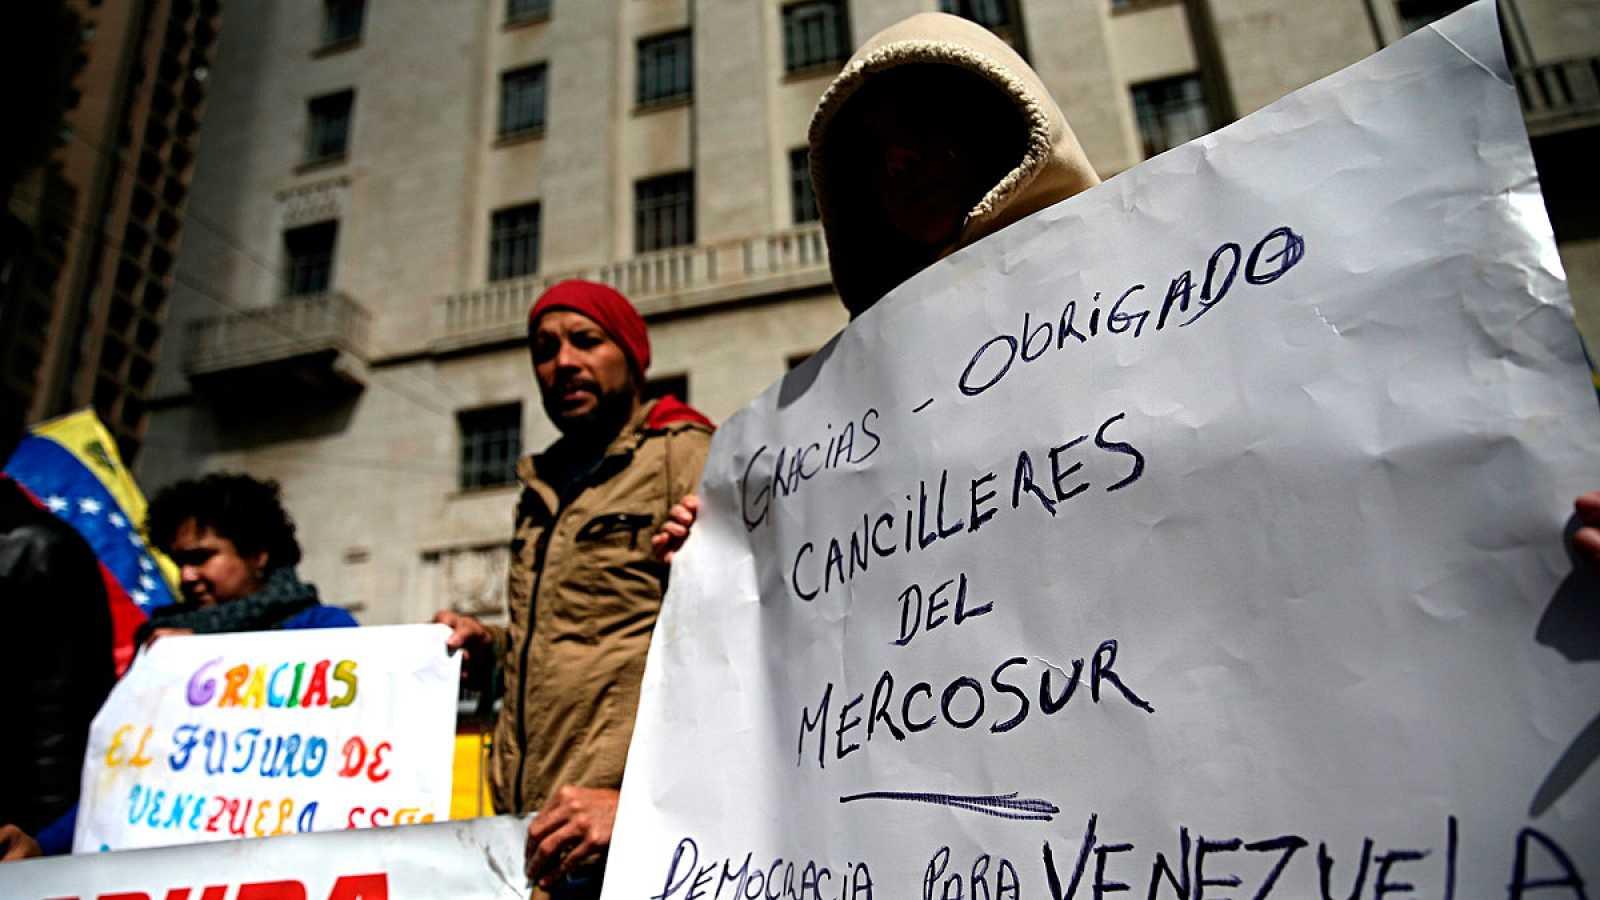 Manifestantes contra el gobierno de Maduro protestan a las puertas de la reunión de Mercosur en Sao Paulo